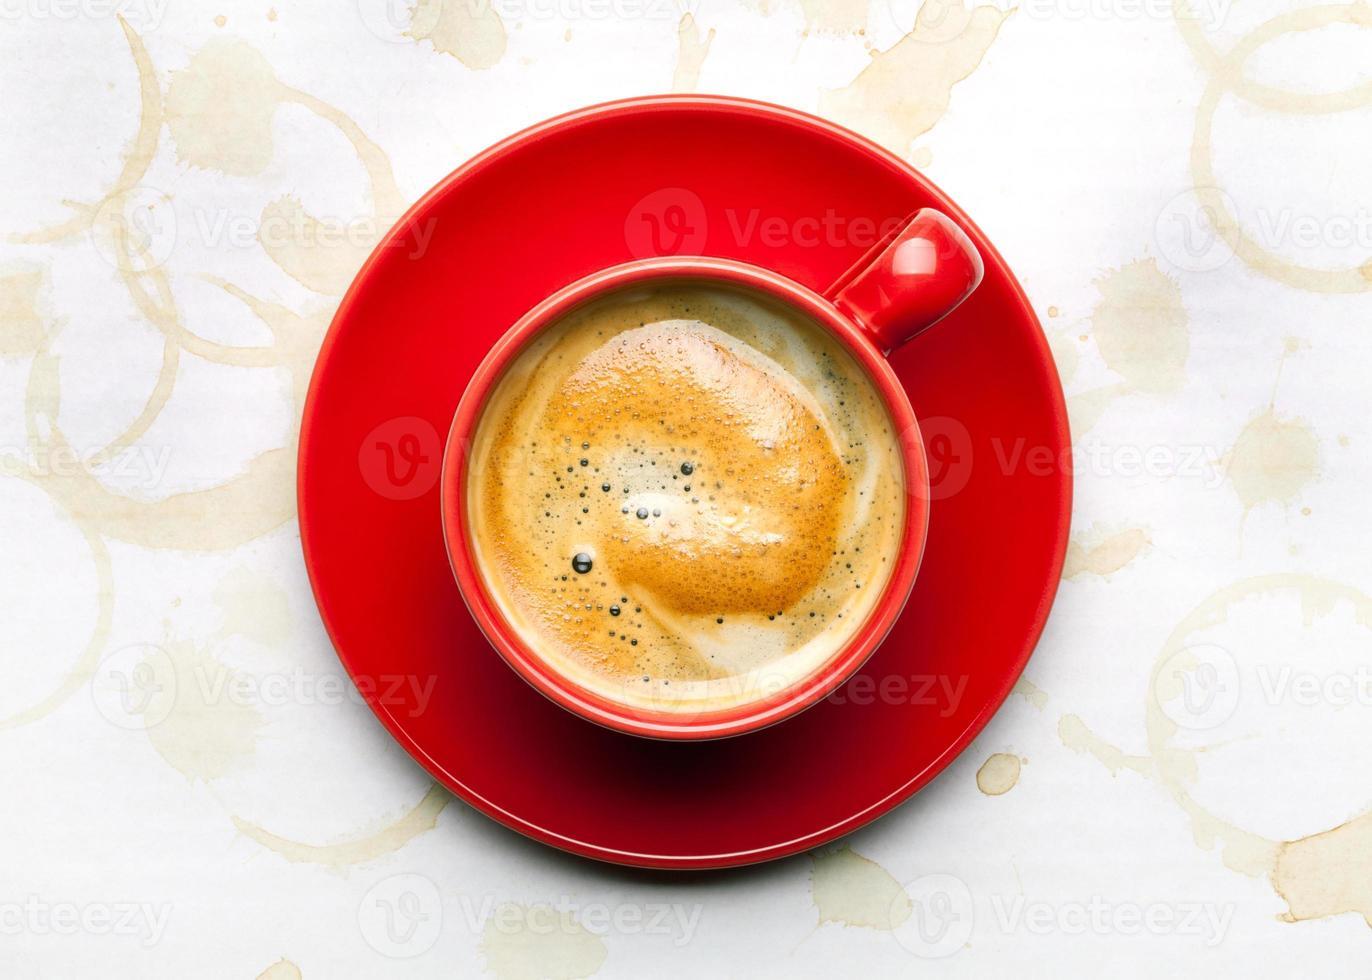 koffiekopje met koffievlekken foto